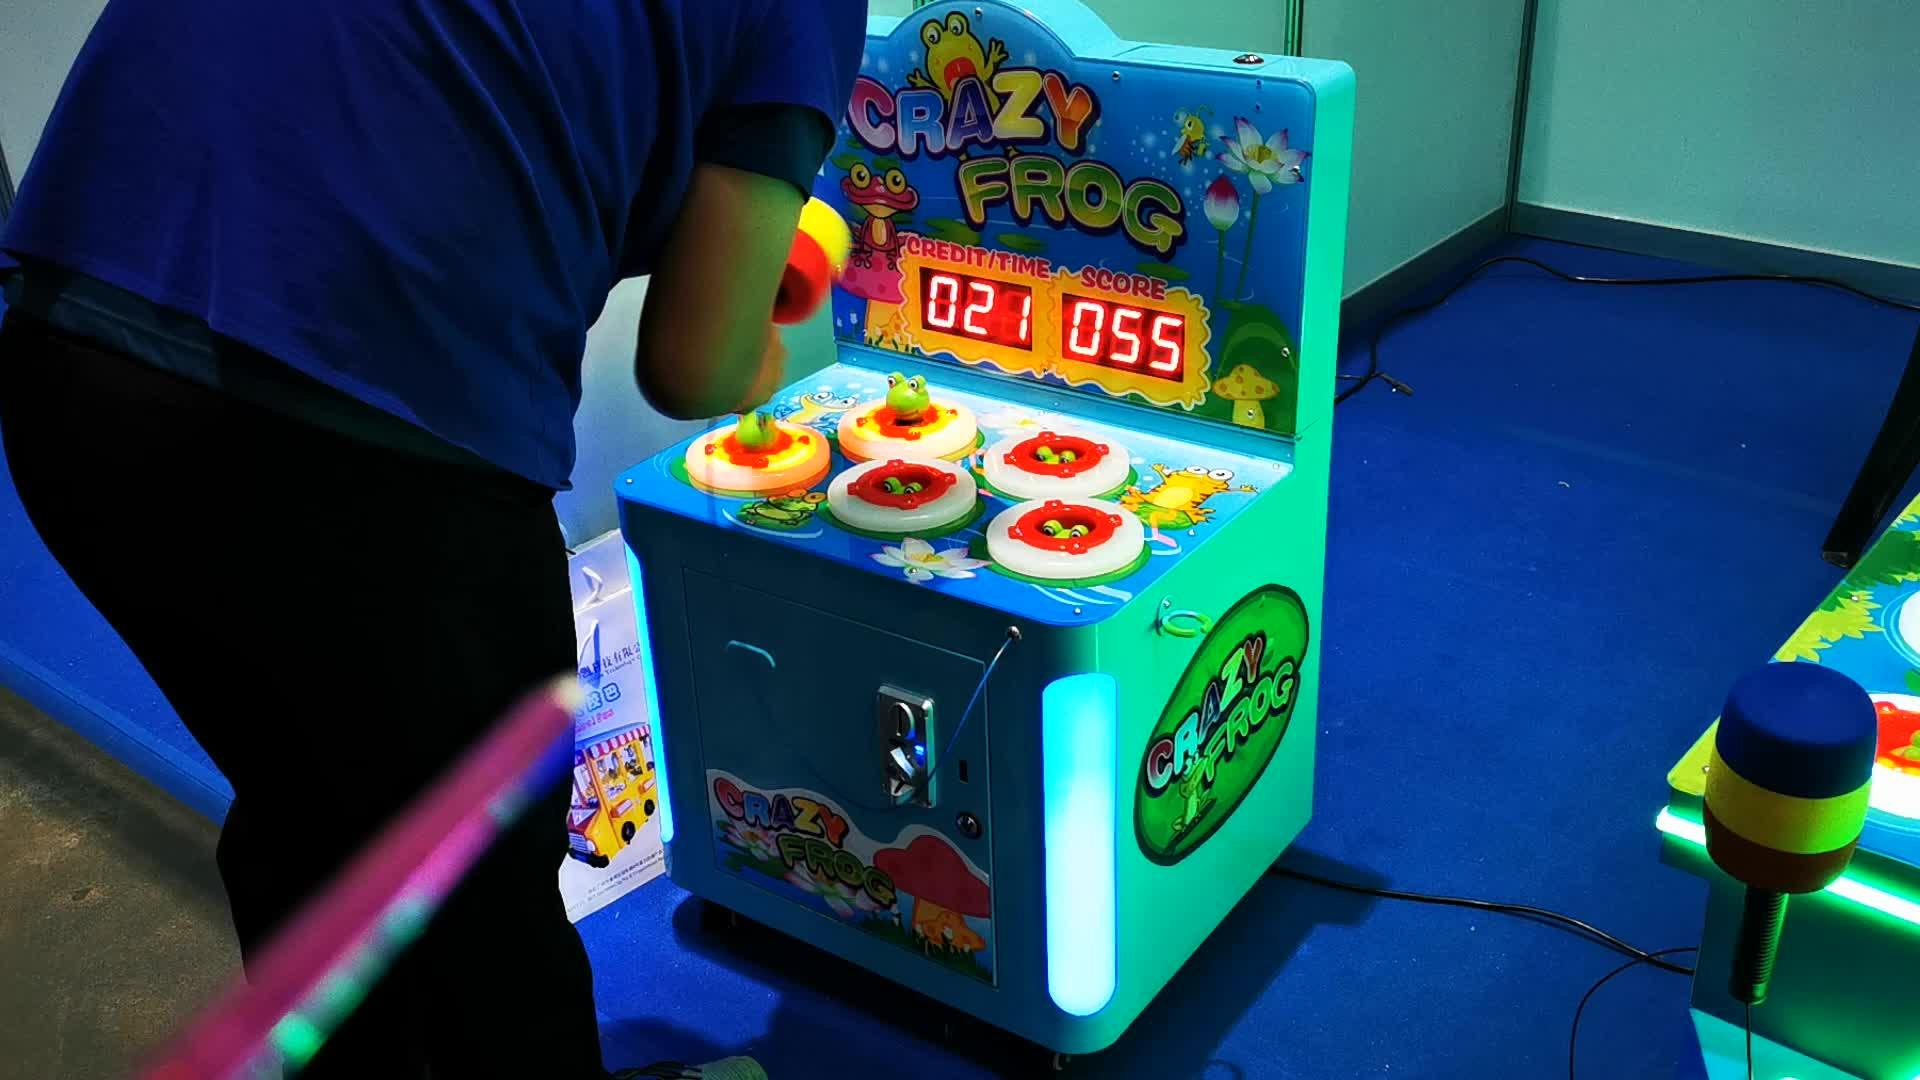 मेंढक कूद आर्केड टिकट मोचन मारा हथौड़ा खेल मशीन बच्चों के लिए